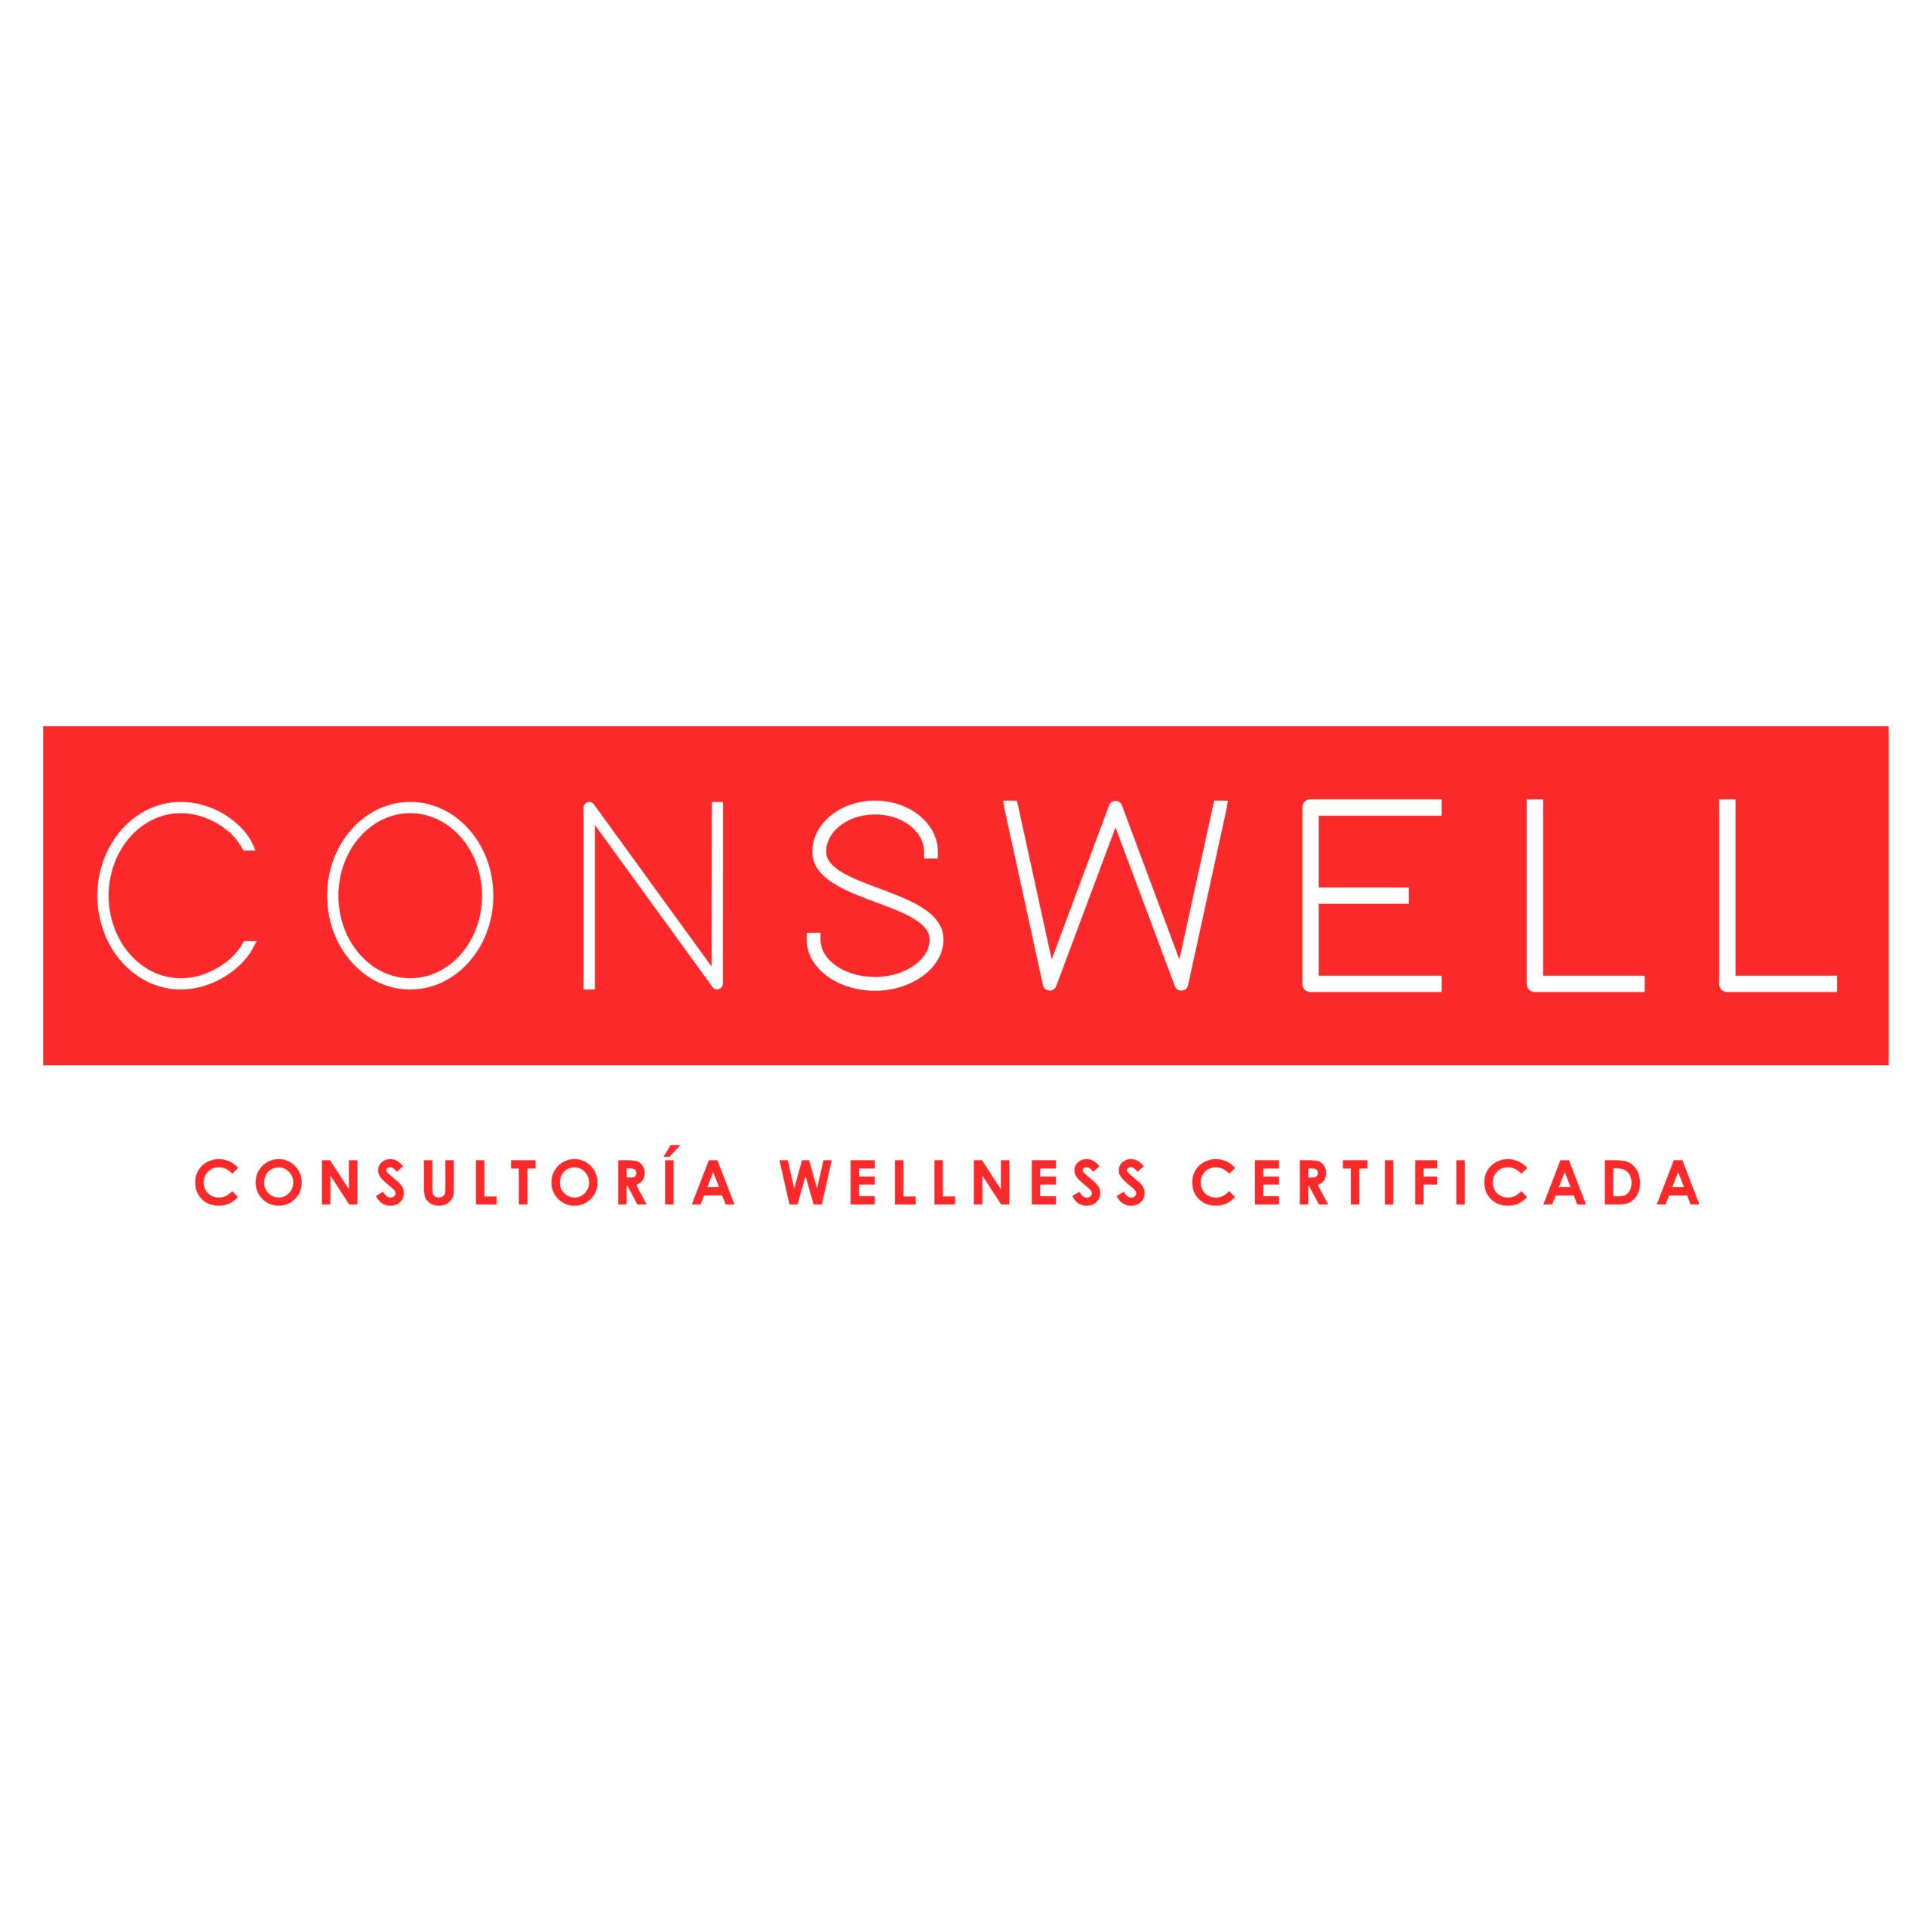 Consultoría Wellness